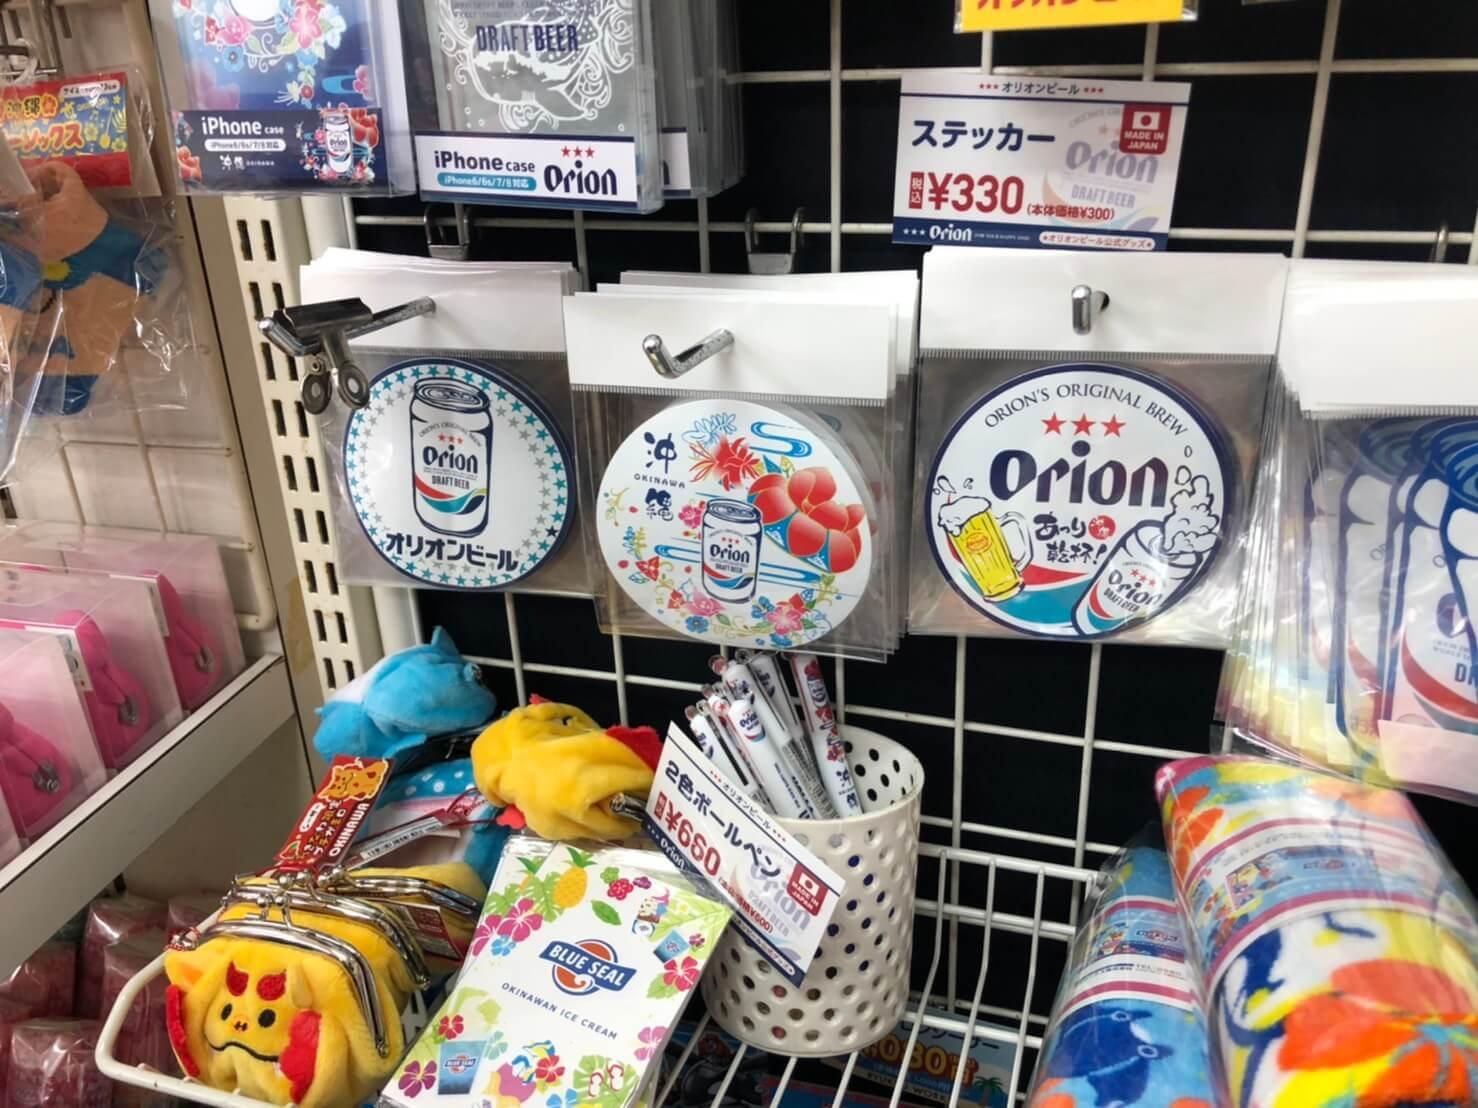 沖縄旅行のお土産ステッカー